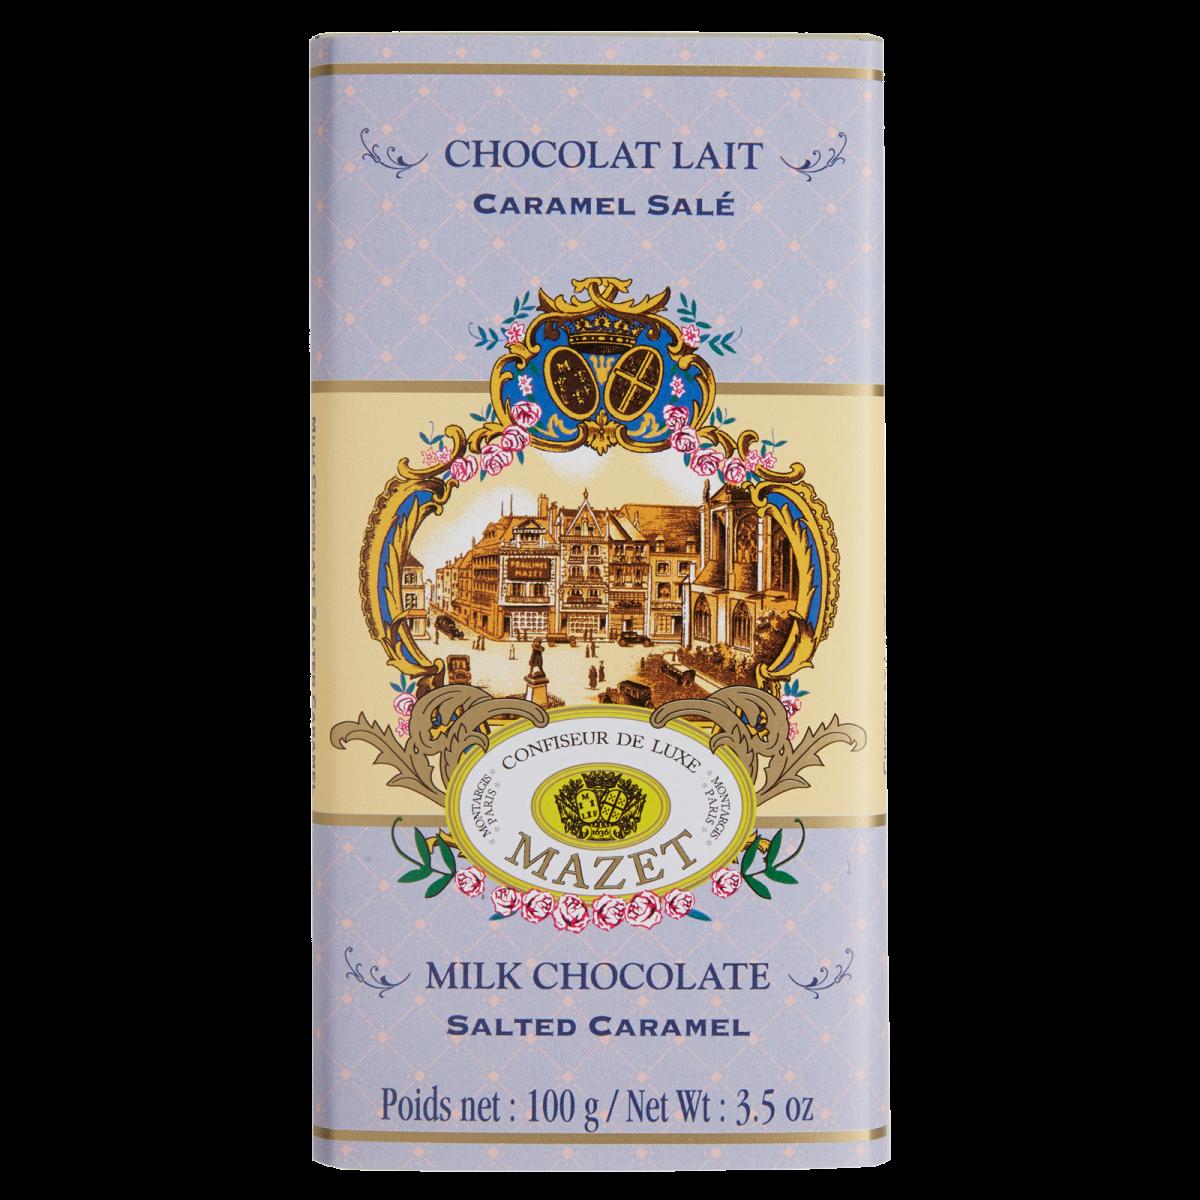 Tablettes de Chocolat - Tablette lait Caramel Salé 100g